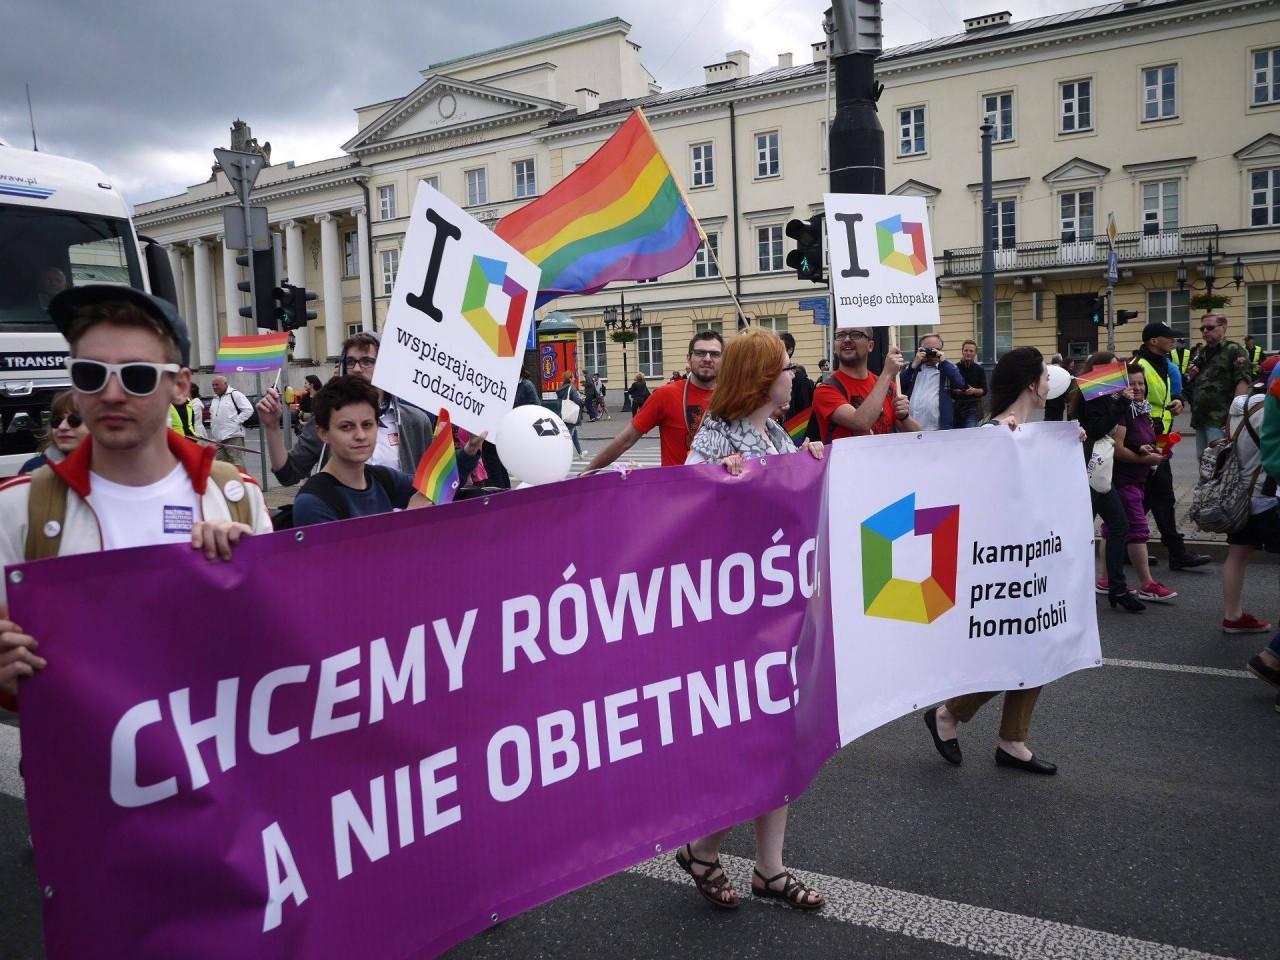 Gazeta Wyborcza: лидер Польши не исключил запрета пропаганды гомосексуализма — как в России